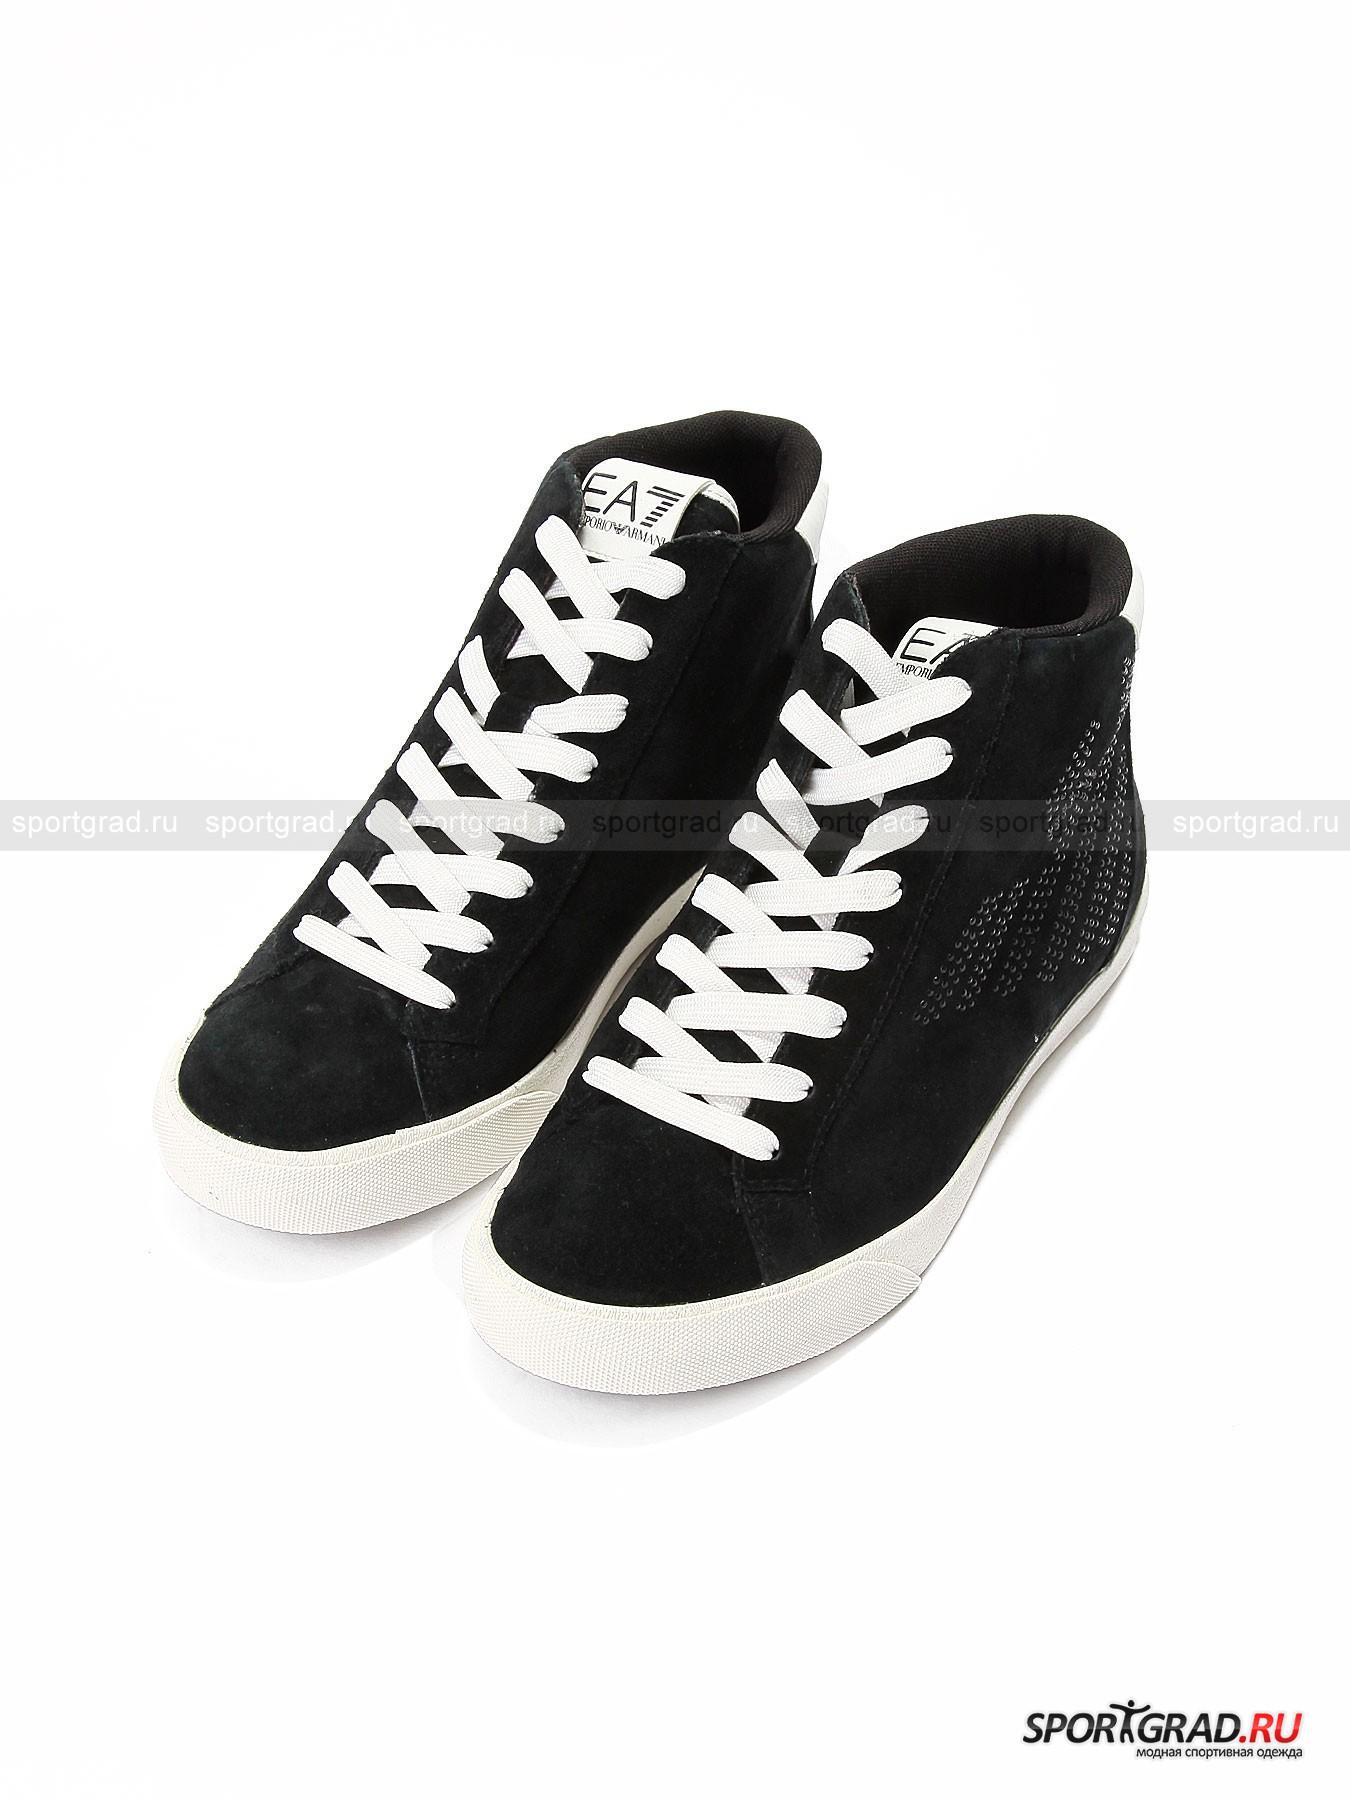 Кеды высокие женские Pride High Strass W Shoes EA7 EMPORIO ARMANI